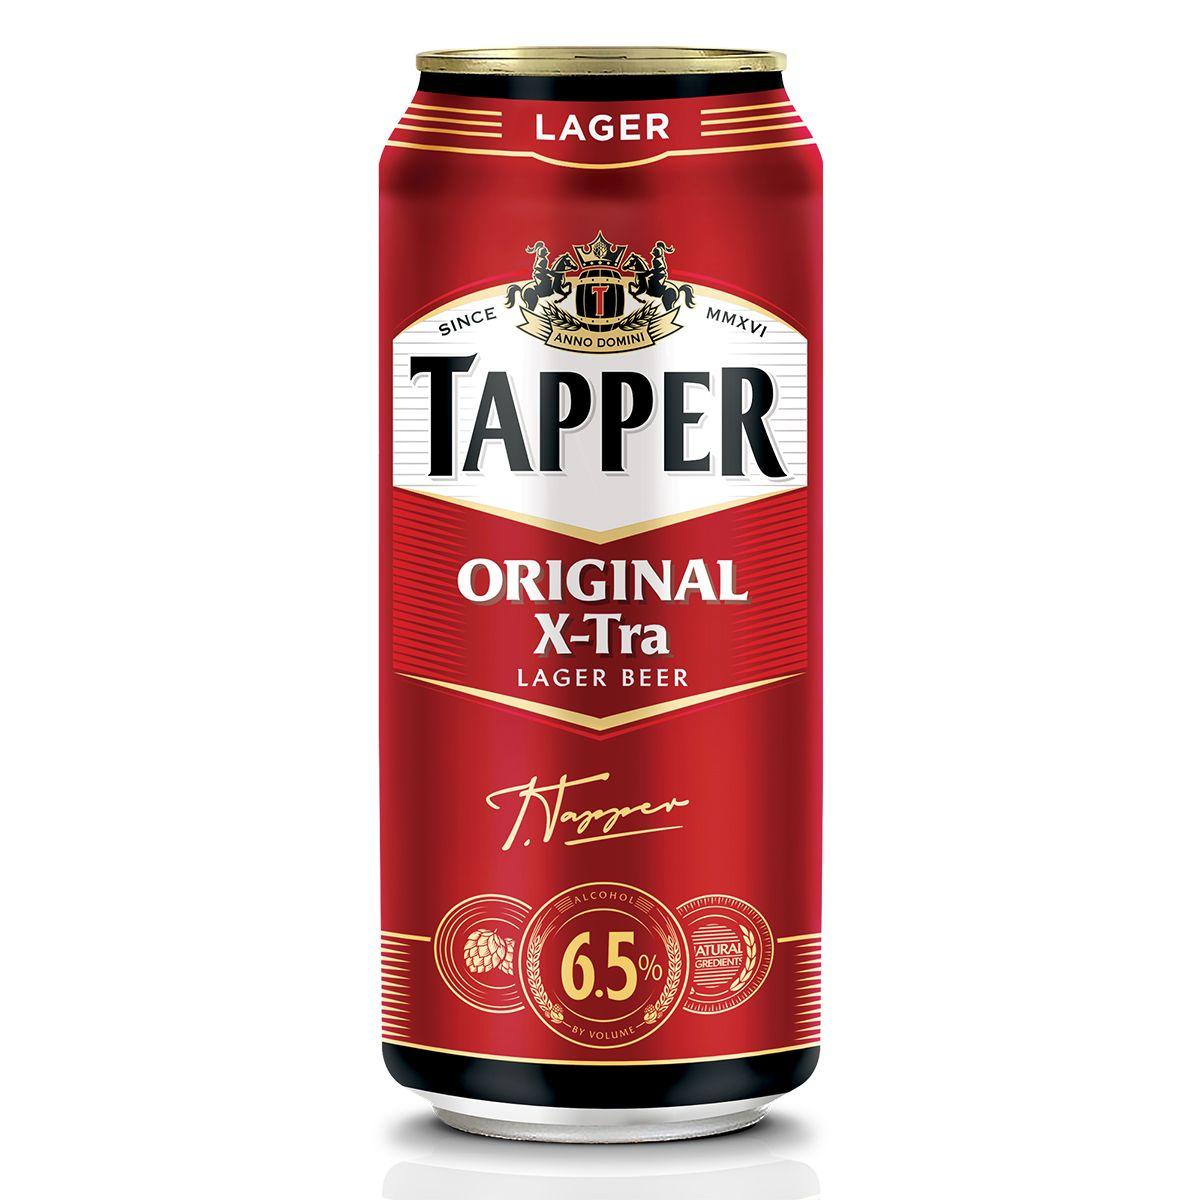 Tapper.jpg